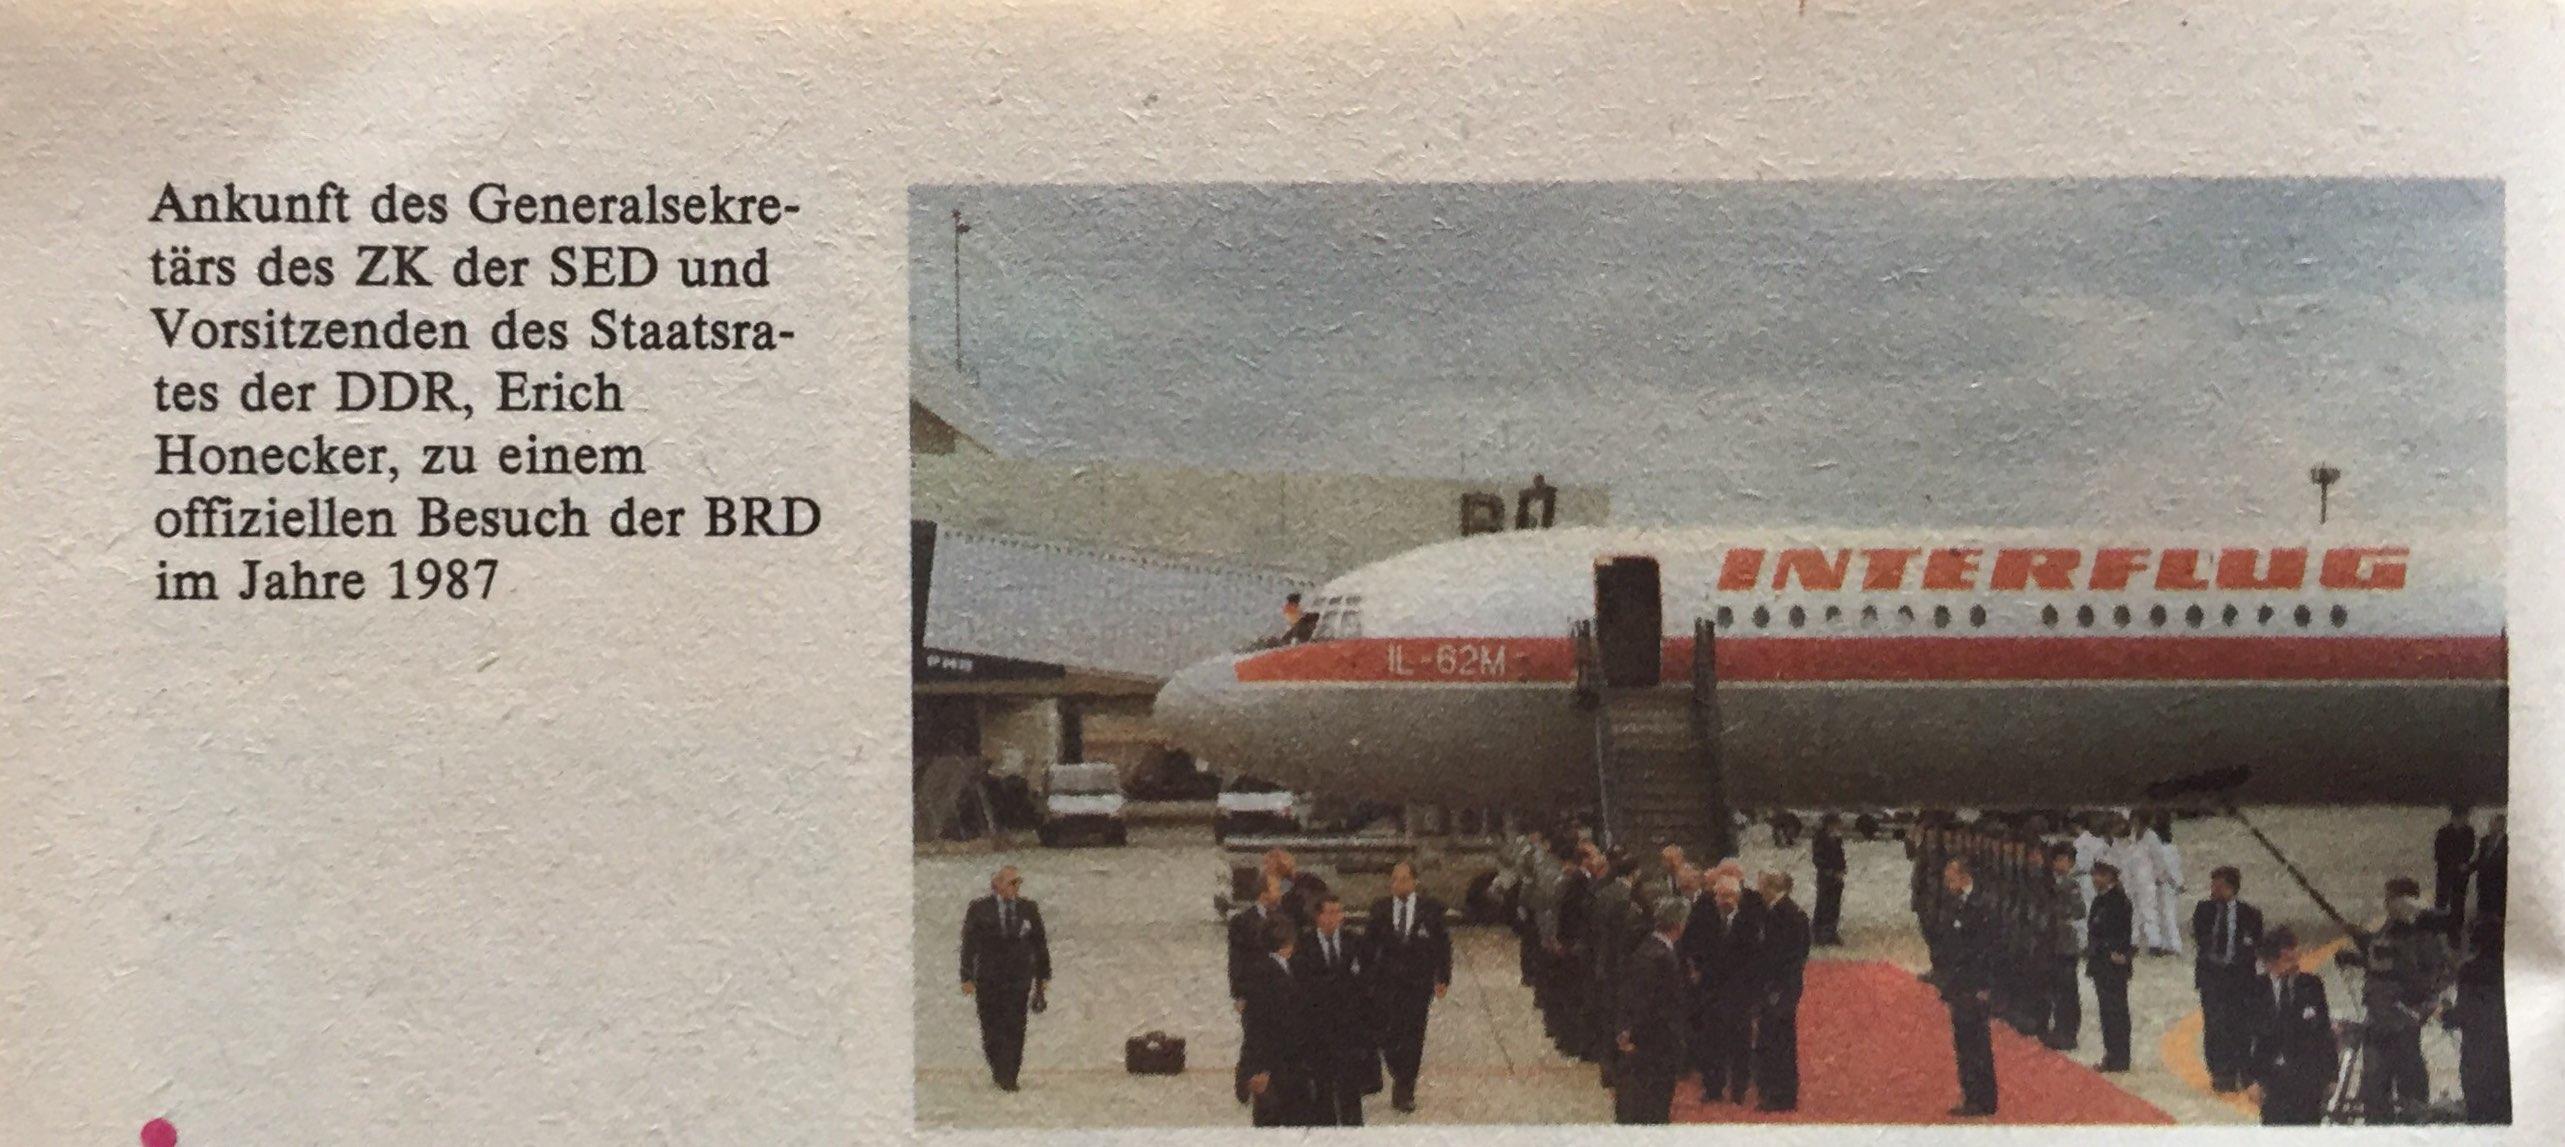 Erich Honecker besucht die BRD Kopie